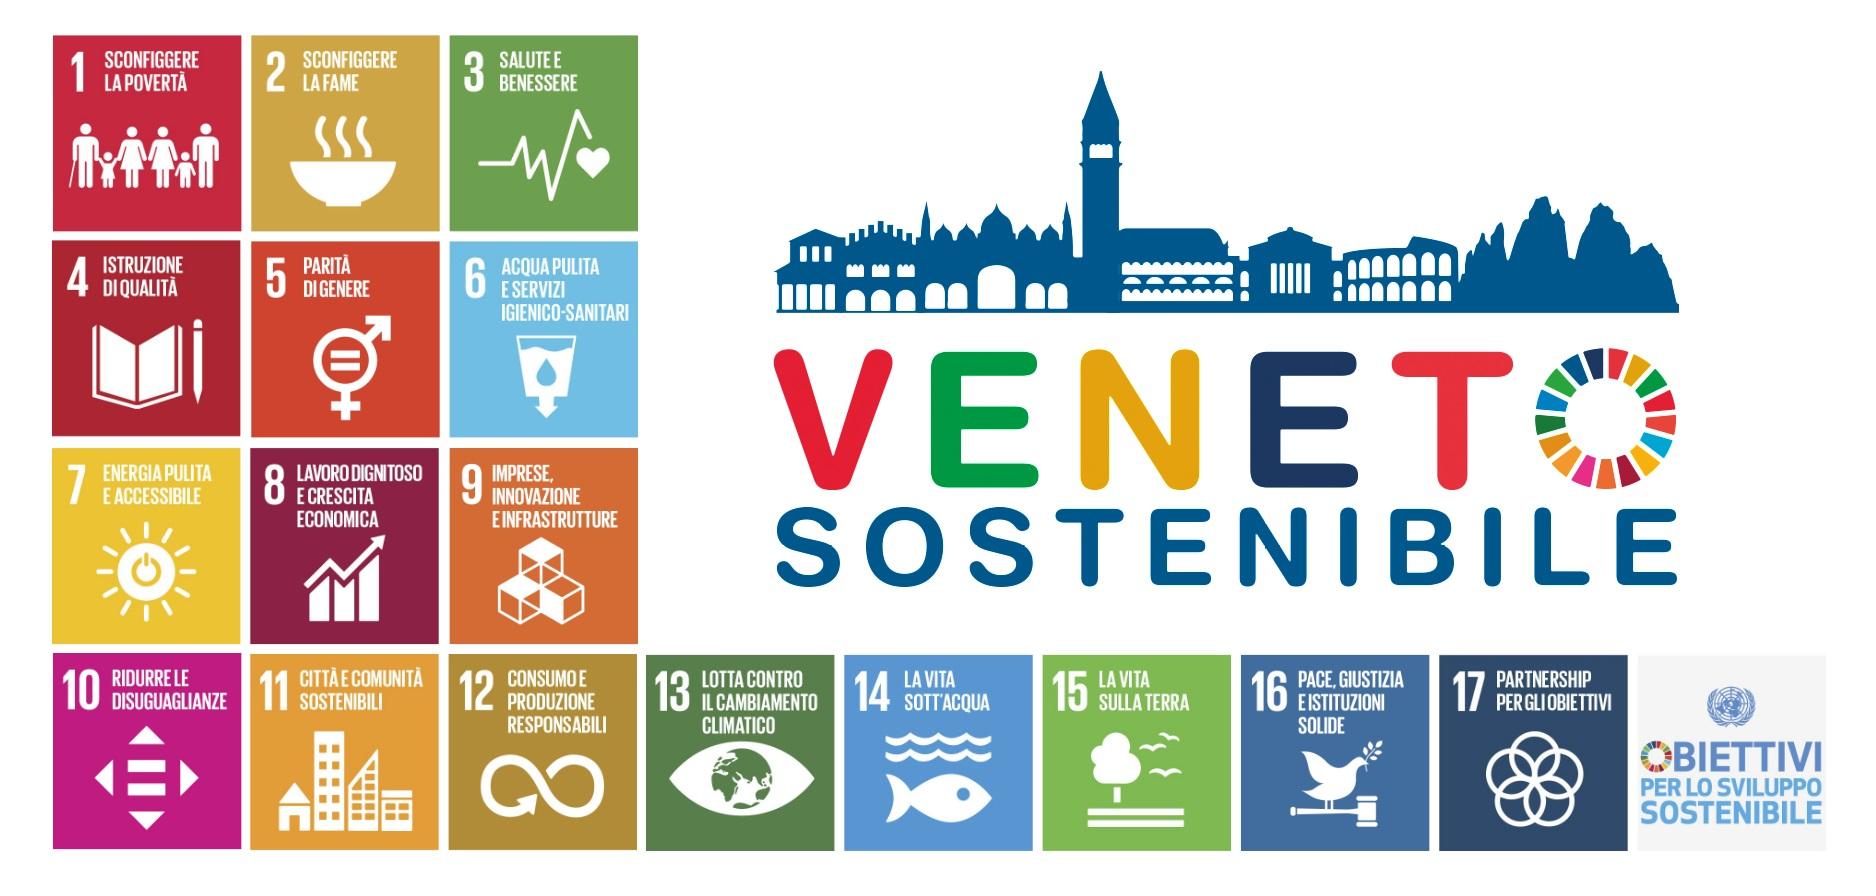 Strategia Regionale per lo Sviluppo Sostenibile: giusti gli obiettivi – da rafforzare strumenti e politiche